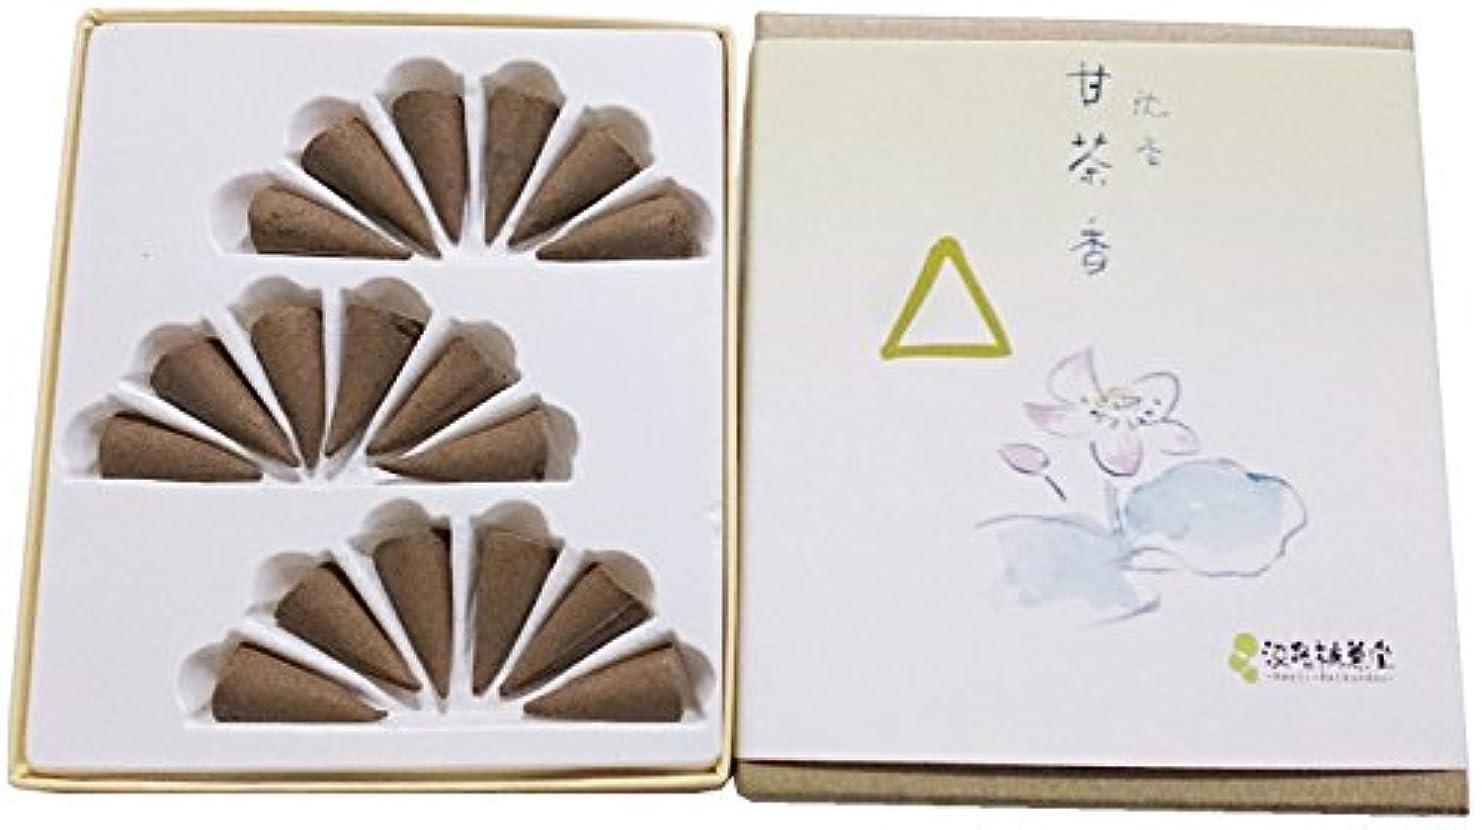 キャップ便利お祝い淡路梅薫堂のお香 沈香甘茶香 コーン型 18個入 #6 agerwood incense cones 日本製